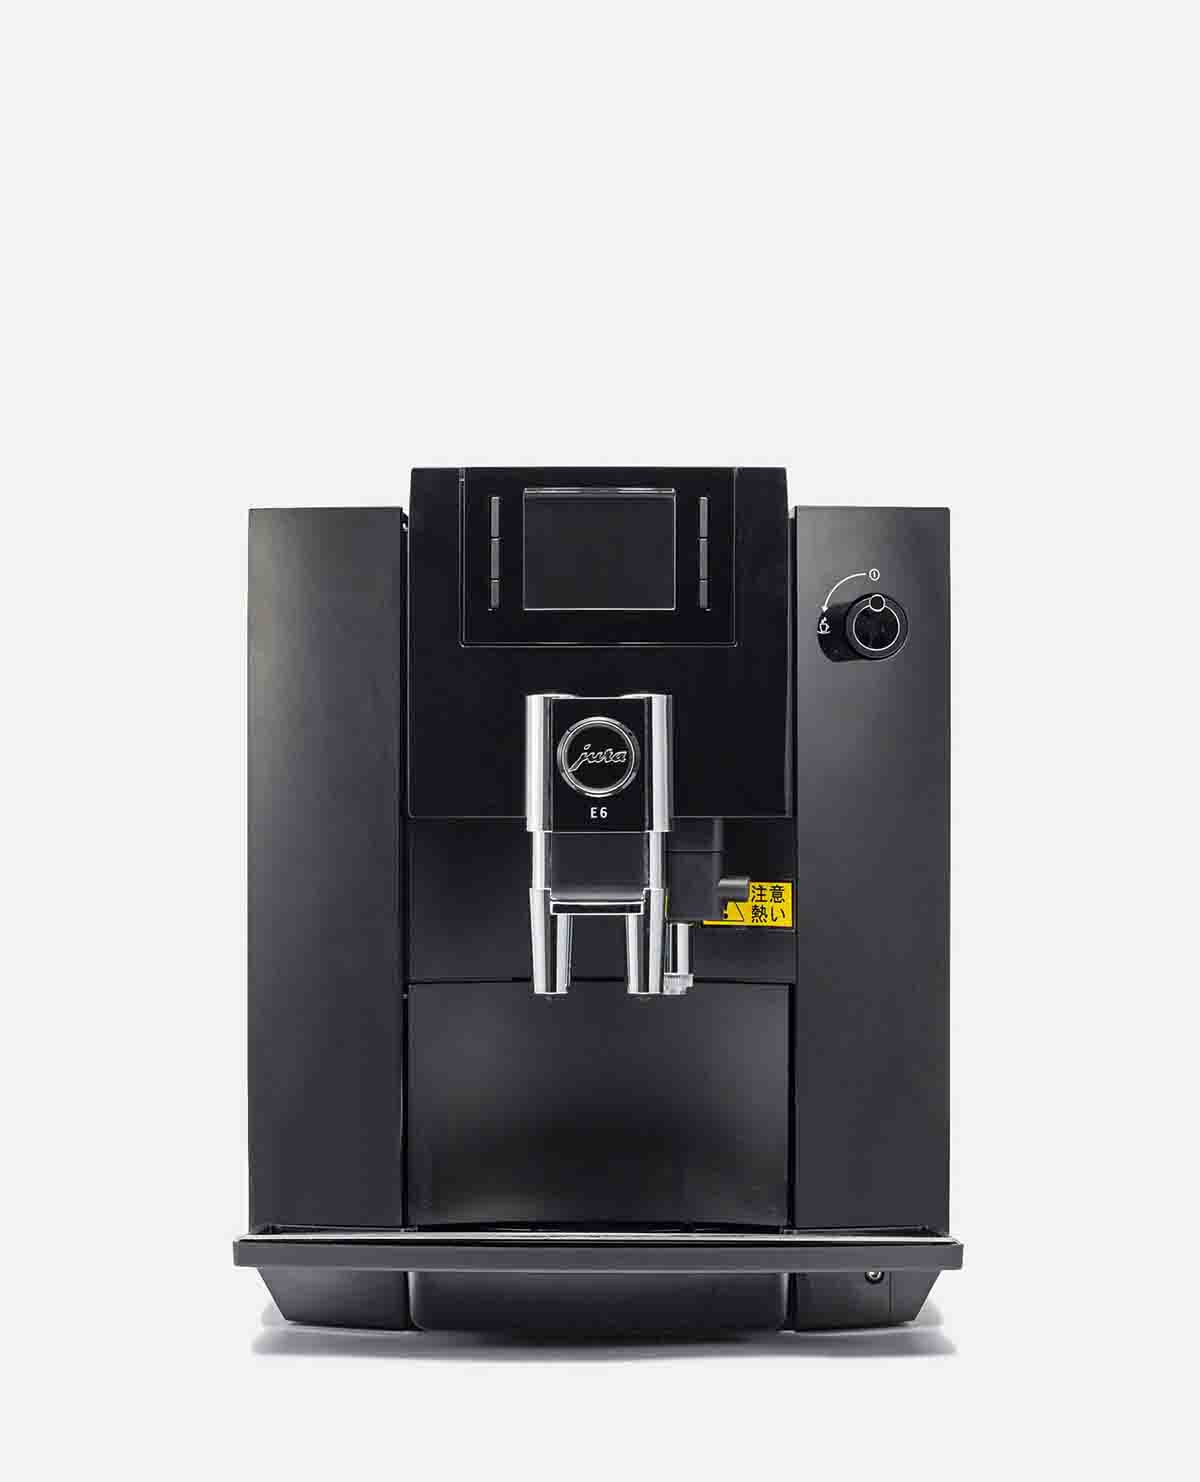 全自動コーヒーメーカー E6